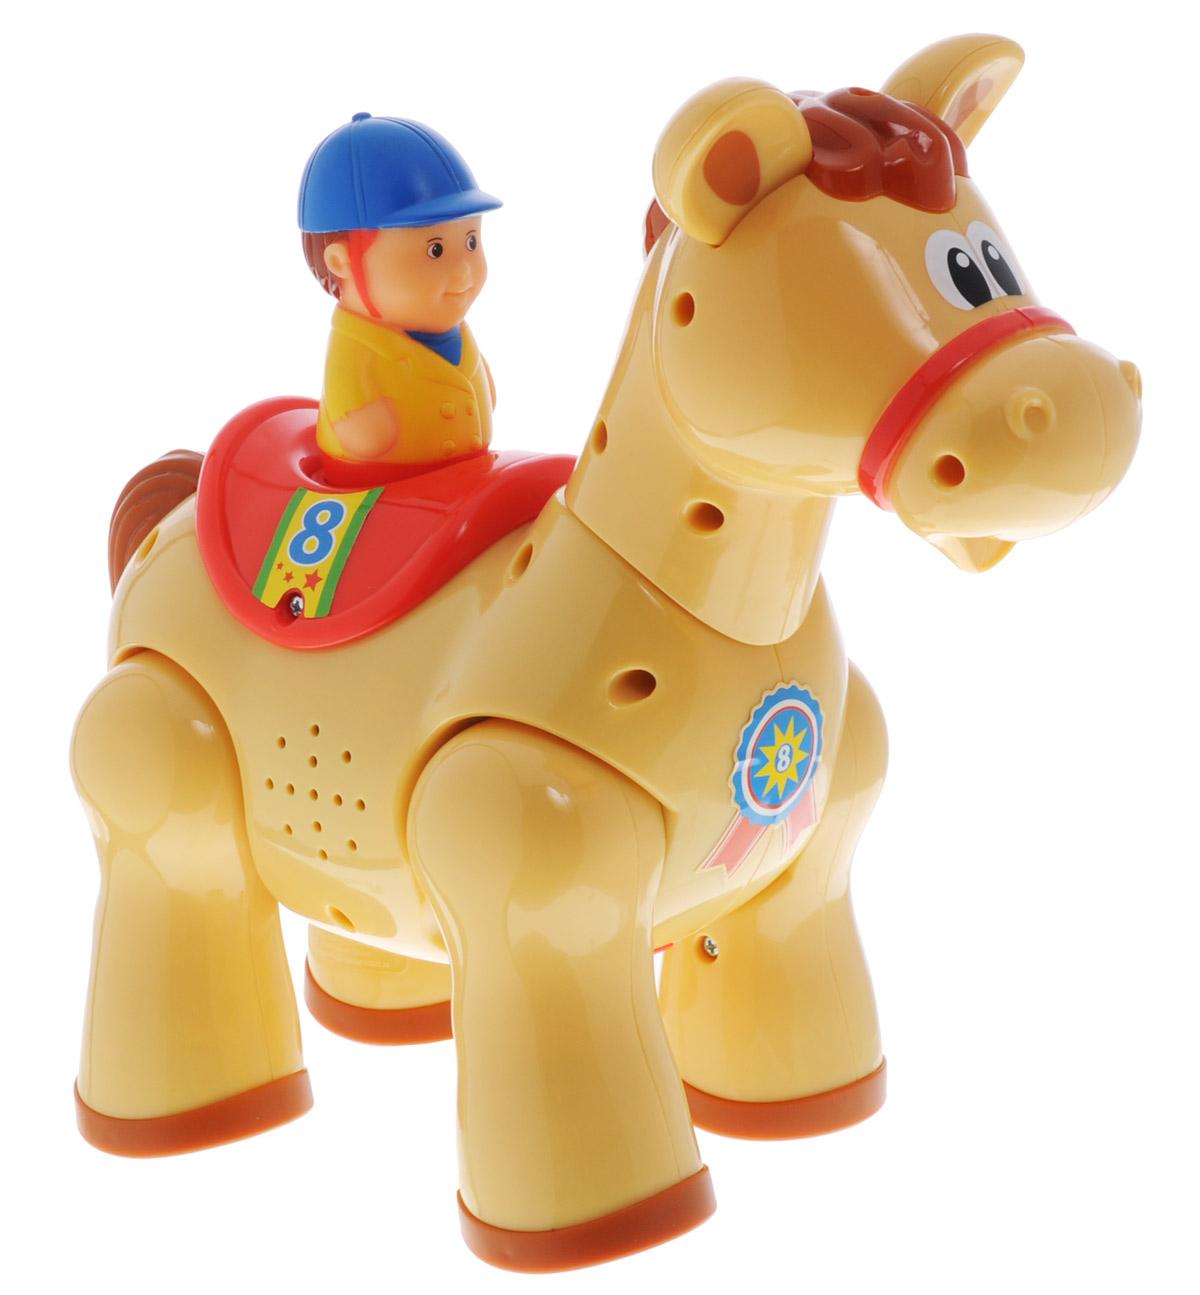 Kiddieland Развивающая игрушка на радиоуправлении ПониKID 051722Развивающая игрушка Kiddieland Пони с пультом управления не оставит малыша равнодушным, доставив ему множество веселых моментов. Лошадка с помощью пульта дистанционного управления может скакать вперёд, кивая головой, с забавными звуками и весёлой музыкой (слышится цокот копыт, ржание) и разворачиваться на 360°. Эта игрушка поможет вашему малышу ознакомиться с причинно-следственными связями, разовьет мелкую моторику и творческое мышление. Питание: 3 батареи 1,5V АА (входят в комплект).